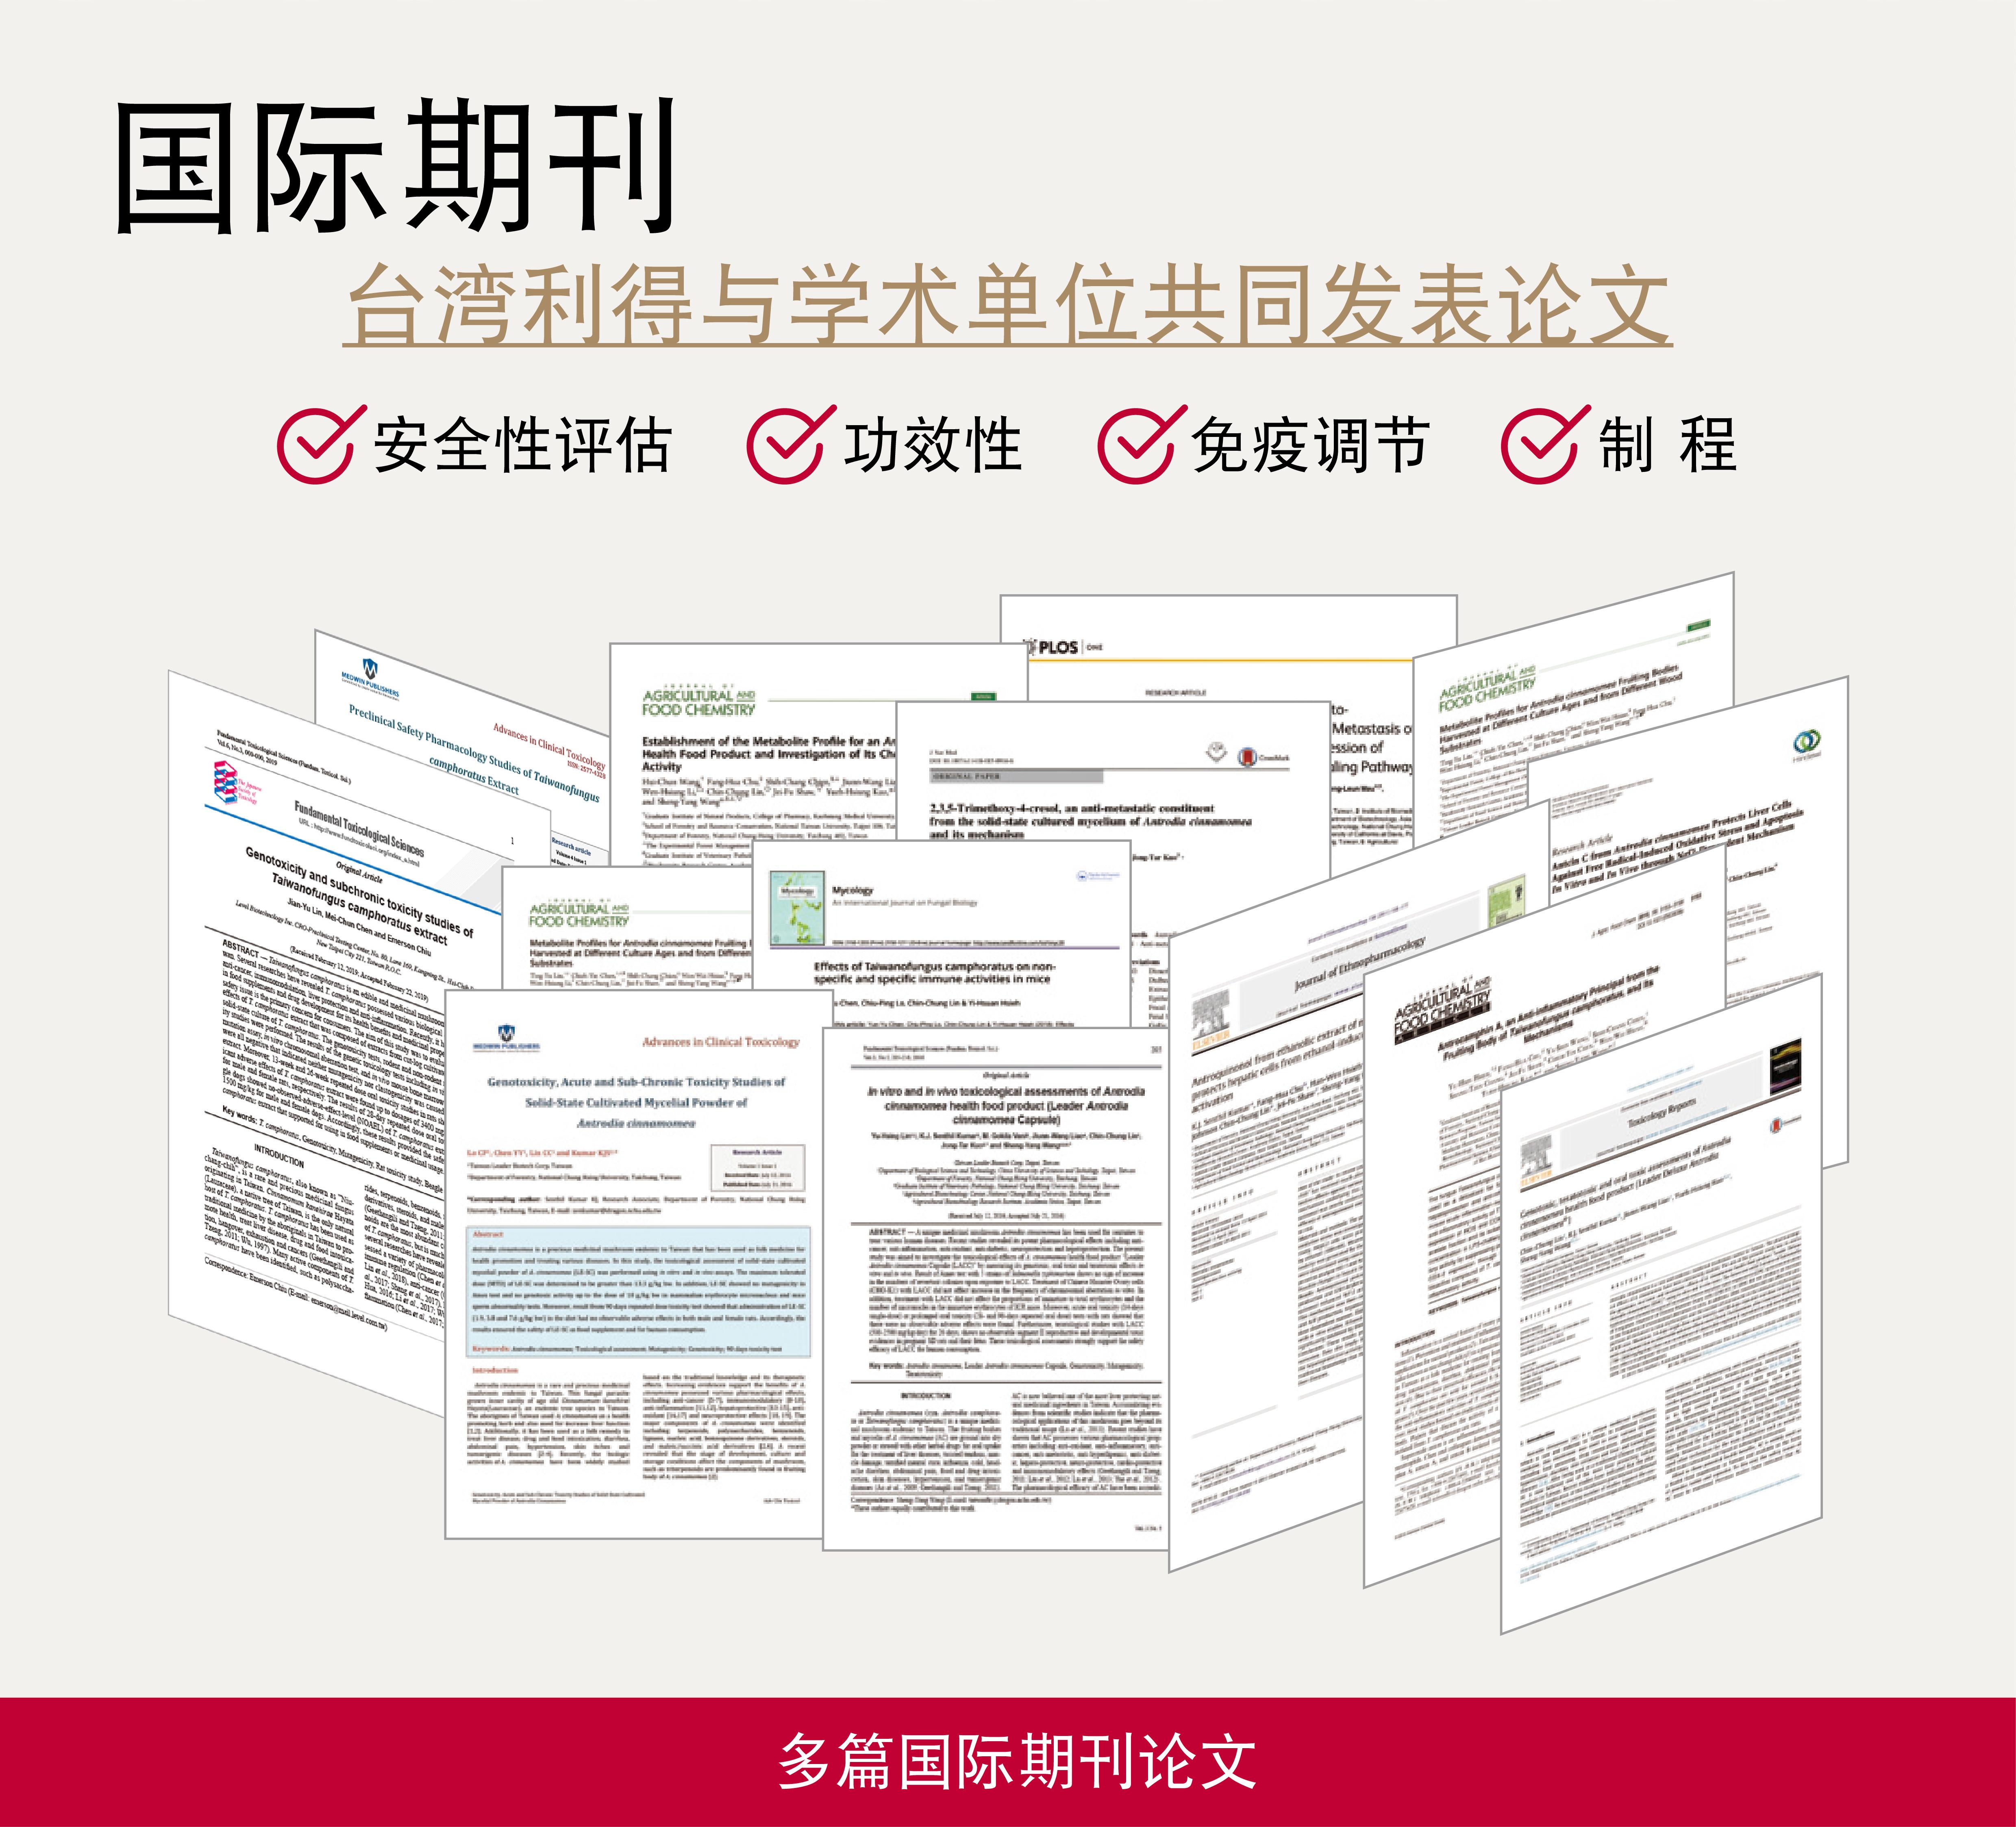 專利及期刊發表(更新)-簡0417_国际期刊